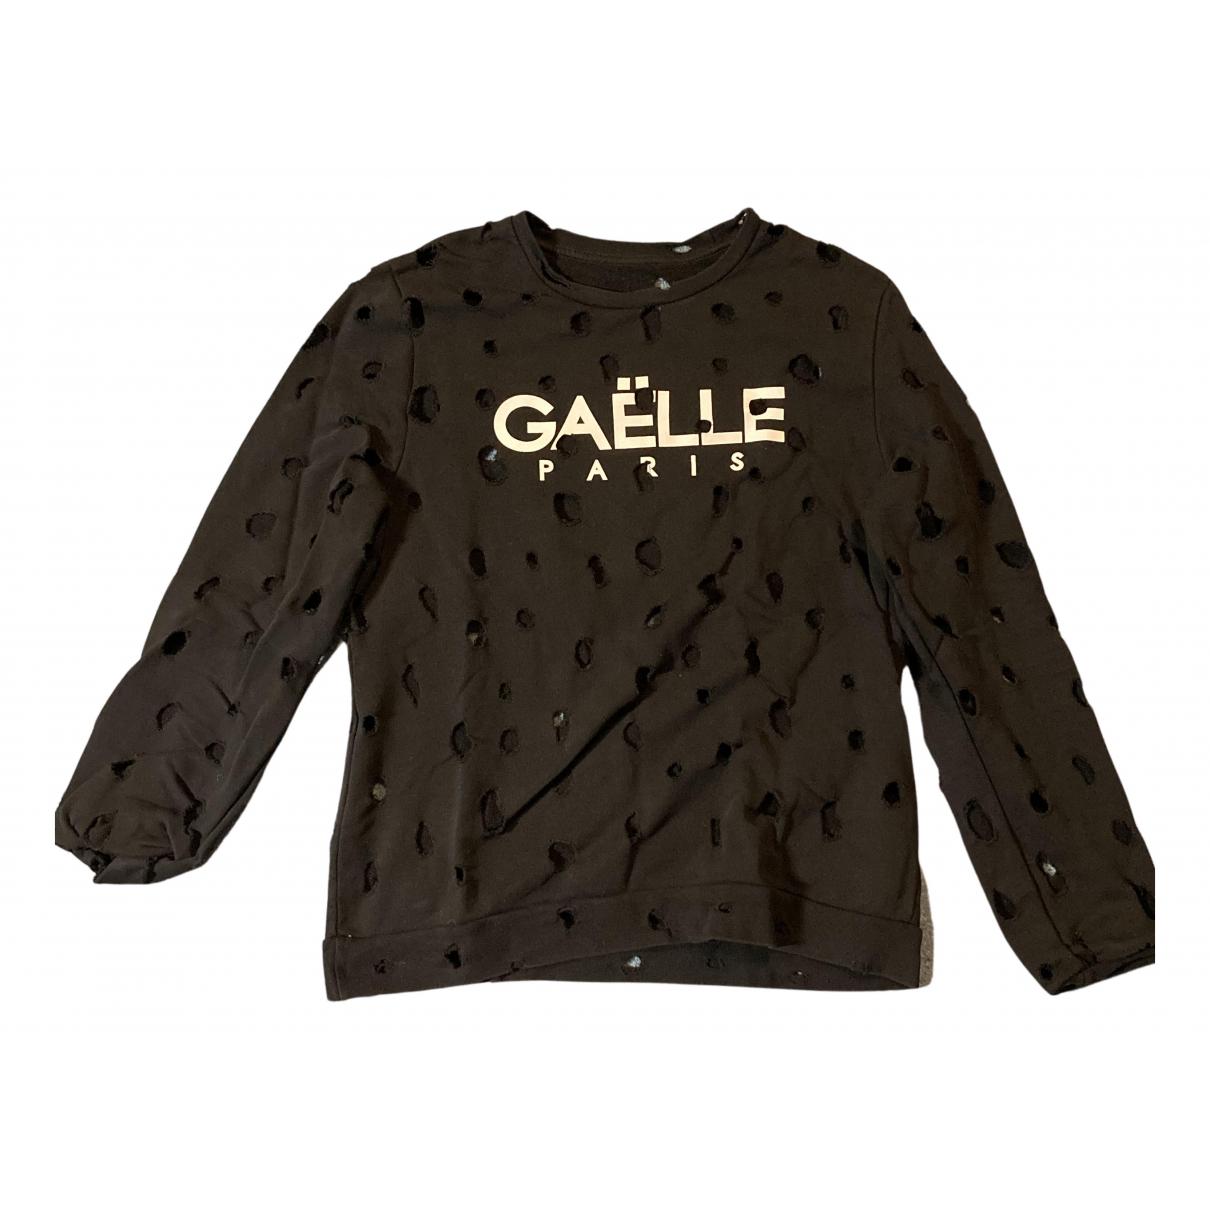 Camiseta Gaelle Paris